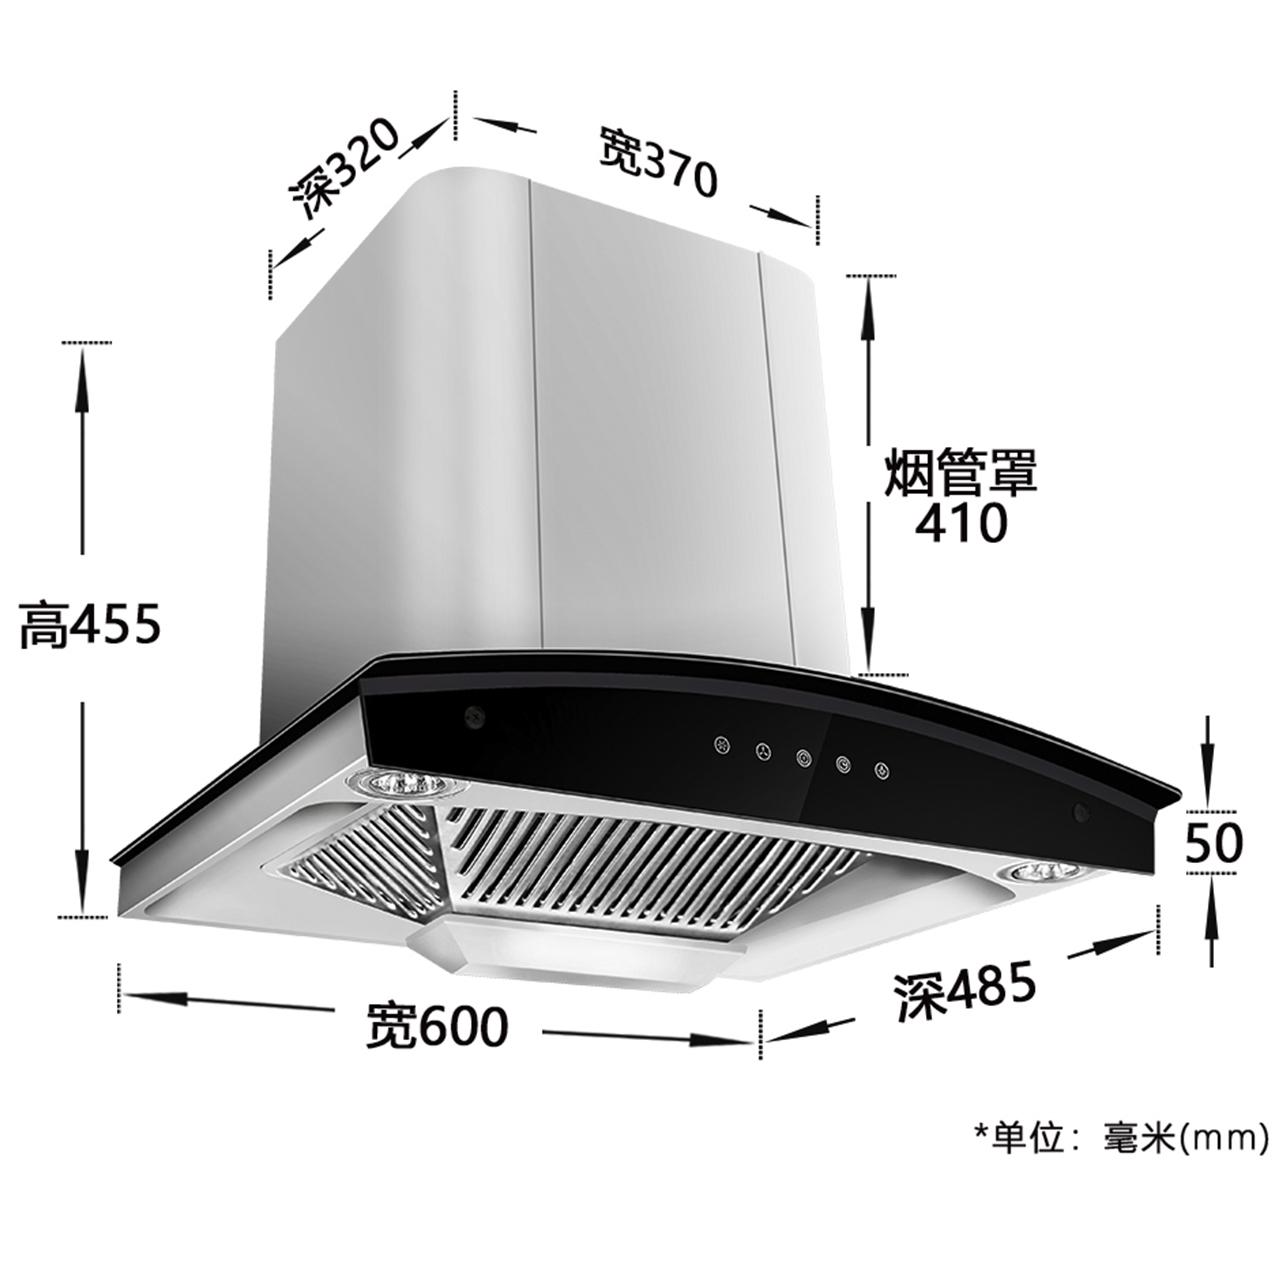 022-600长厨房弧型油烟机